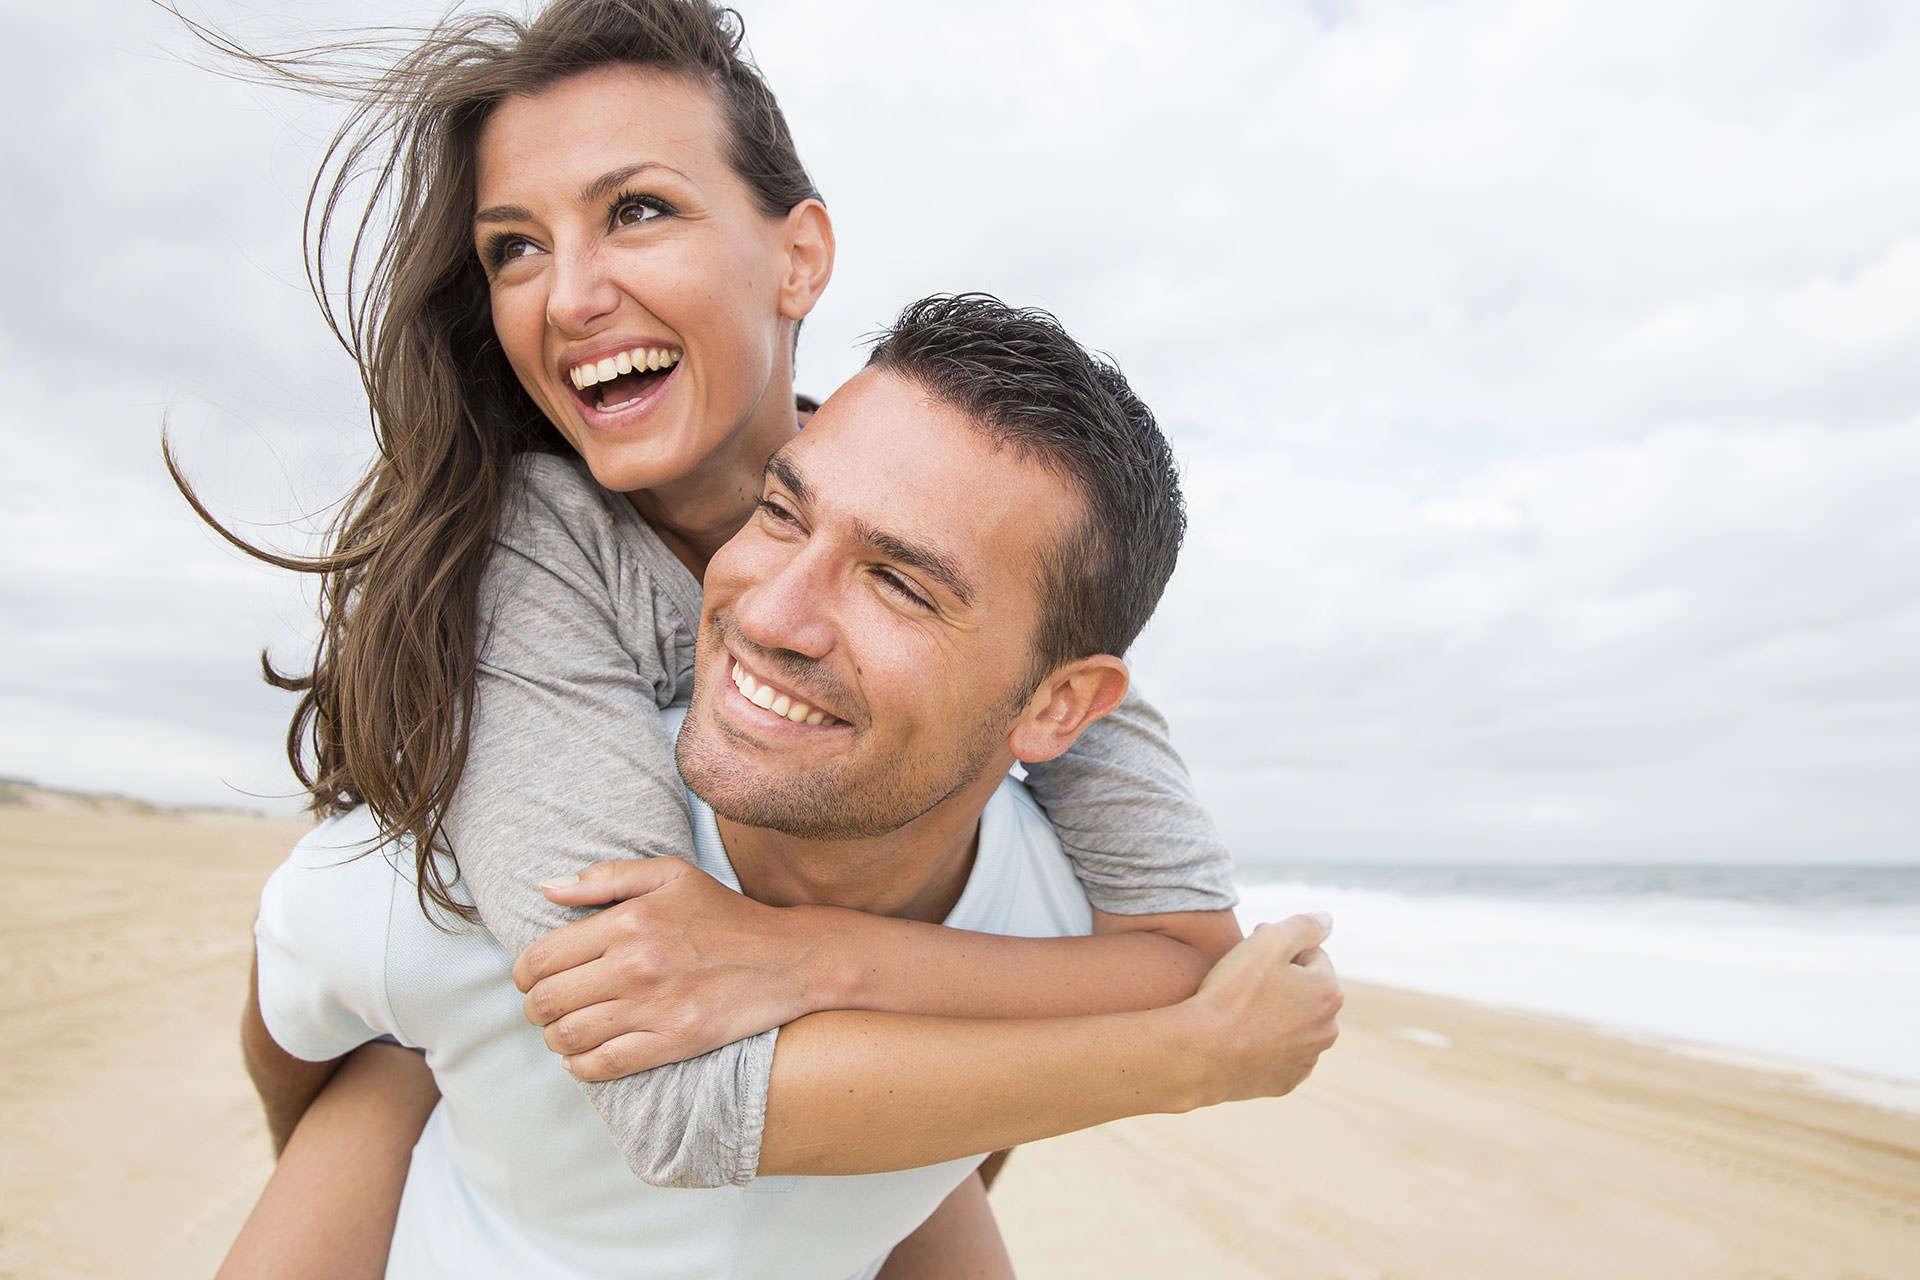 Por que os homens preferem o relacionamento sugar?